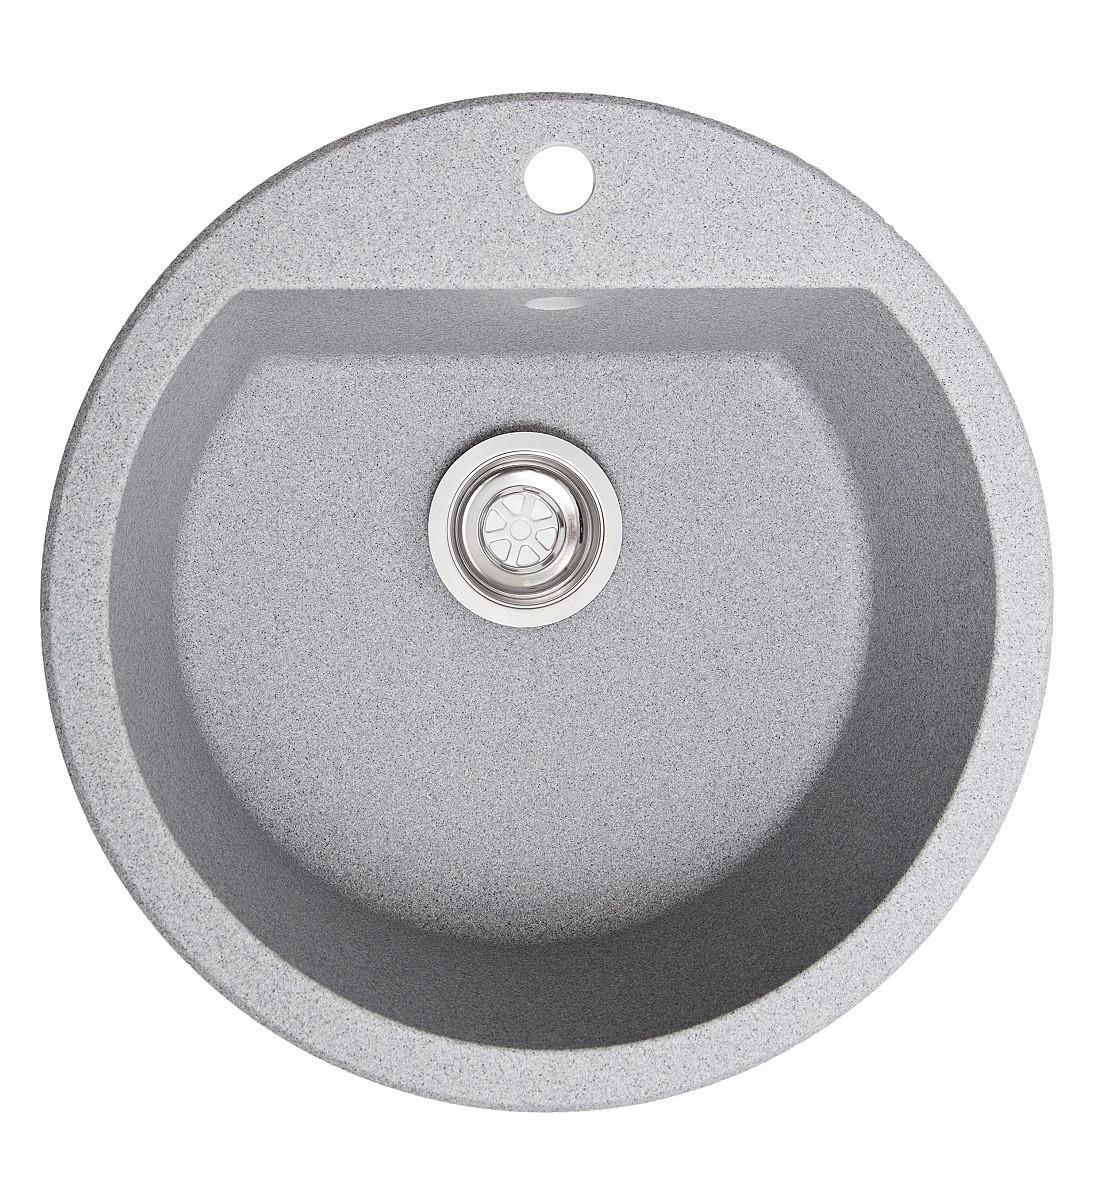 Кухонна мийка гранітна Galati Kolo Seda (601) 8664 сірий